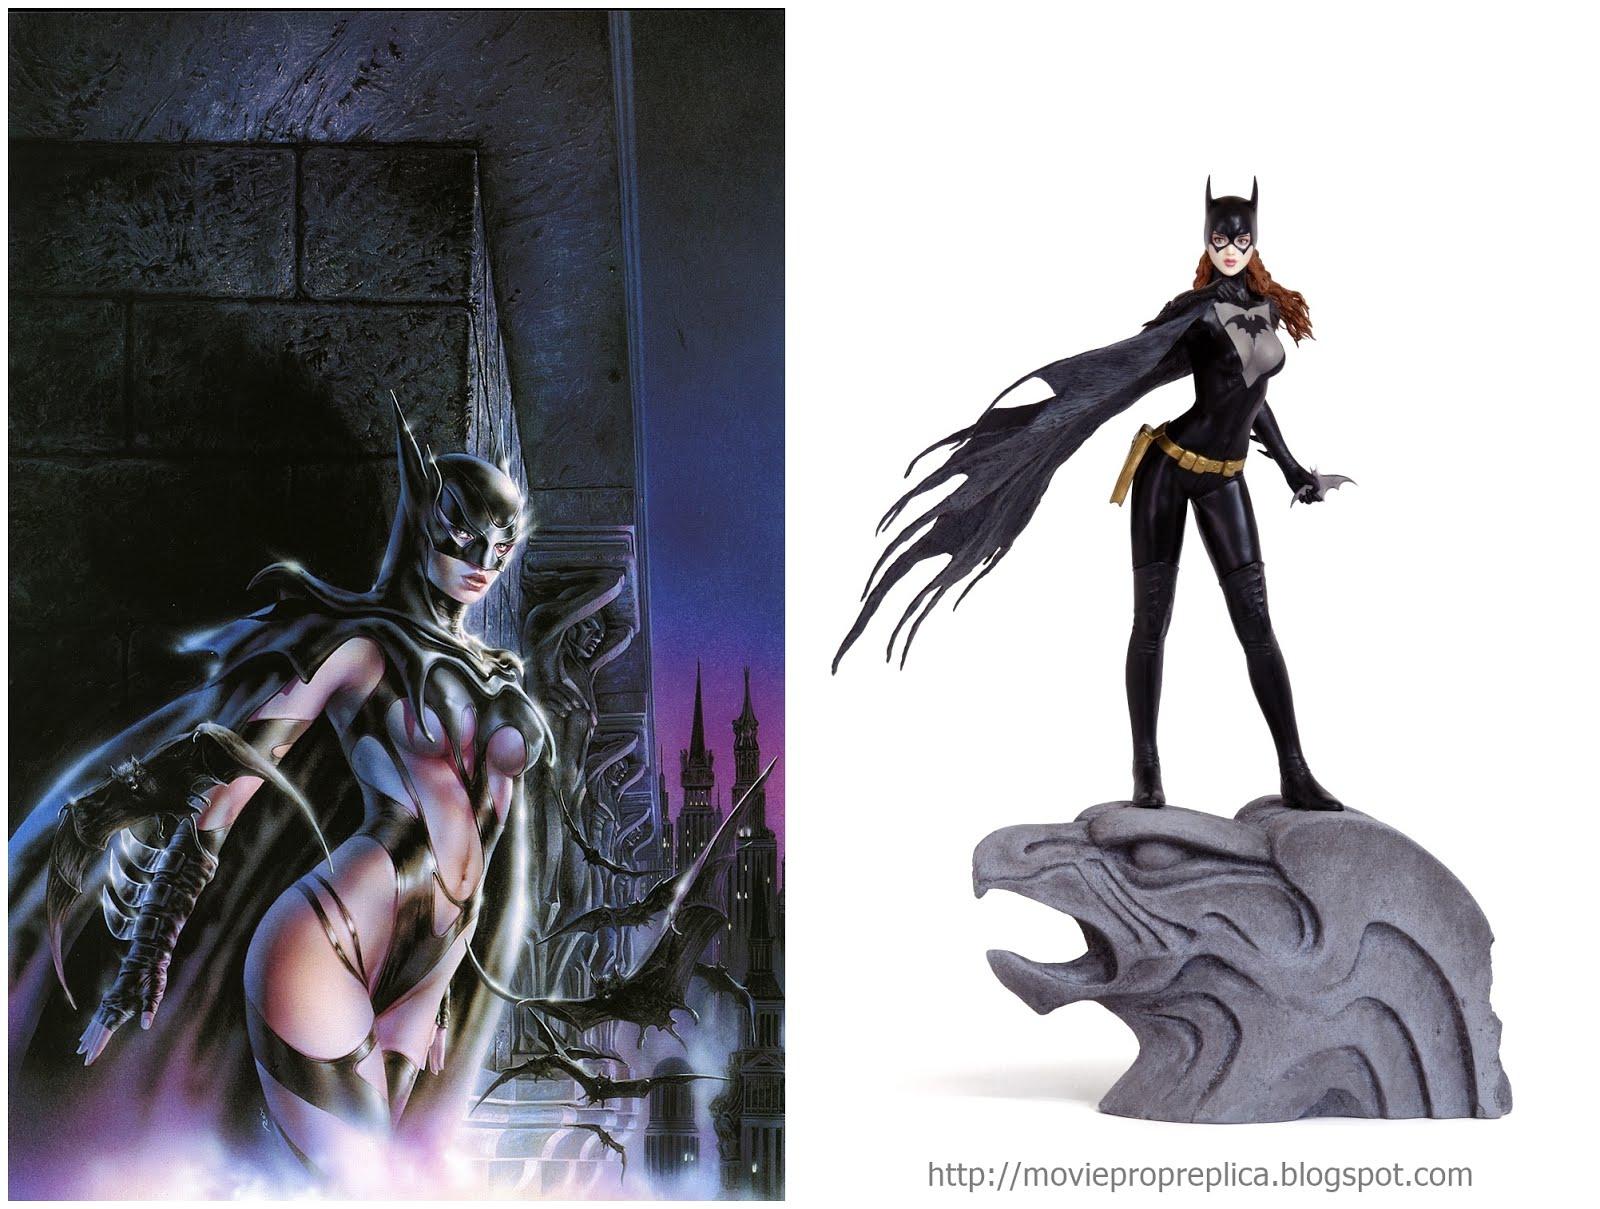 Batgirl by Luis Royo